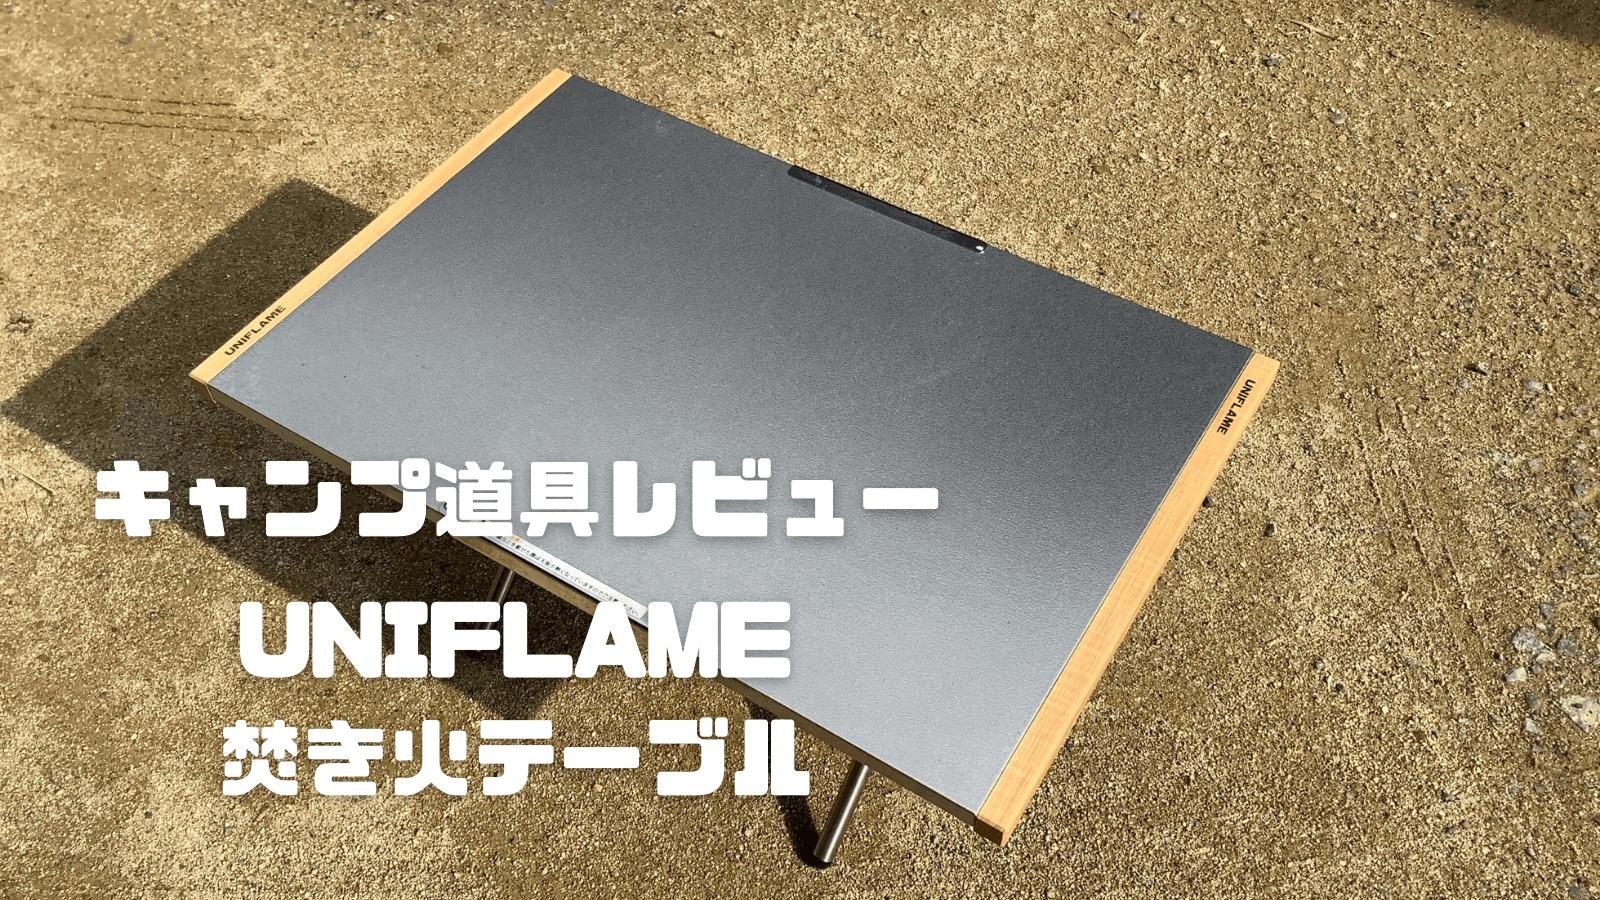 【UNIFLAME焚き火テーブルのレビュー】熱・キズ・汚れに強い最高峰のアウトドアテーブル